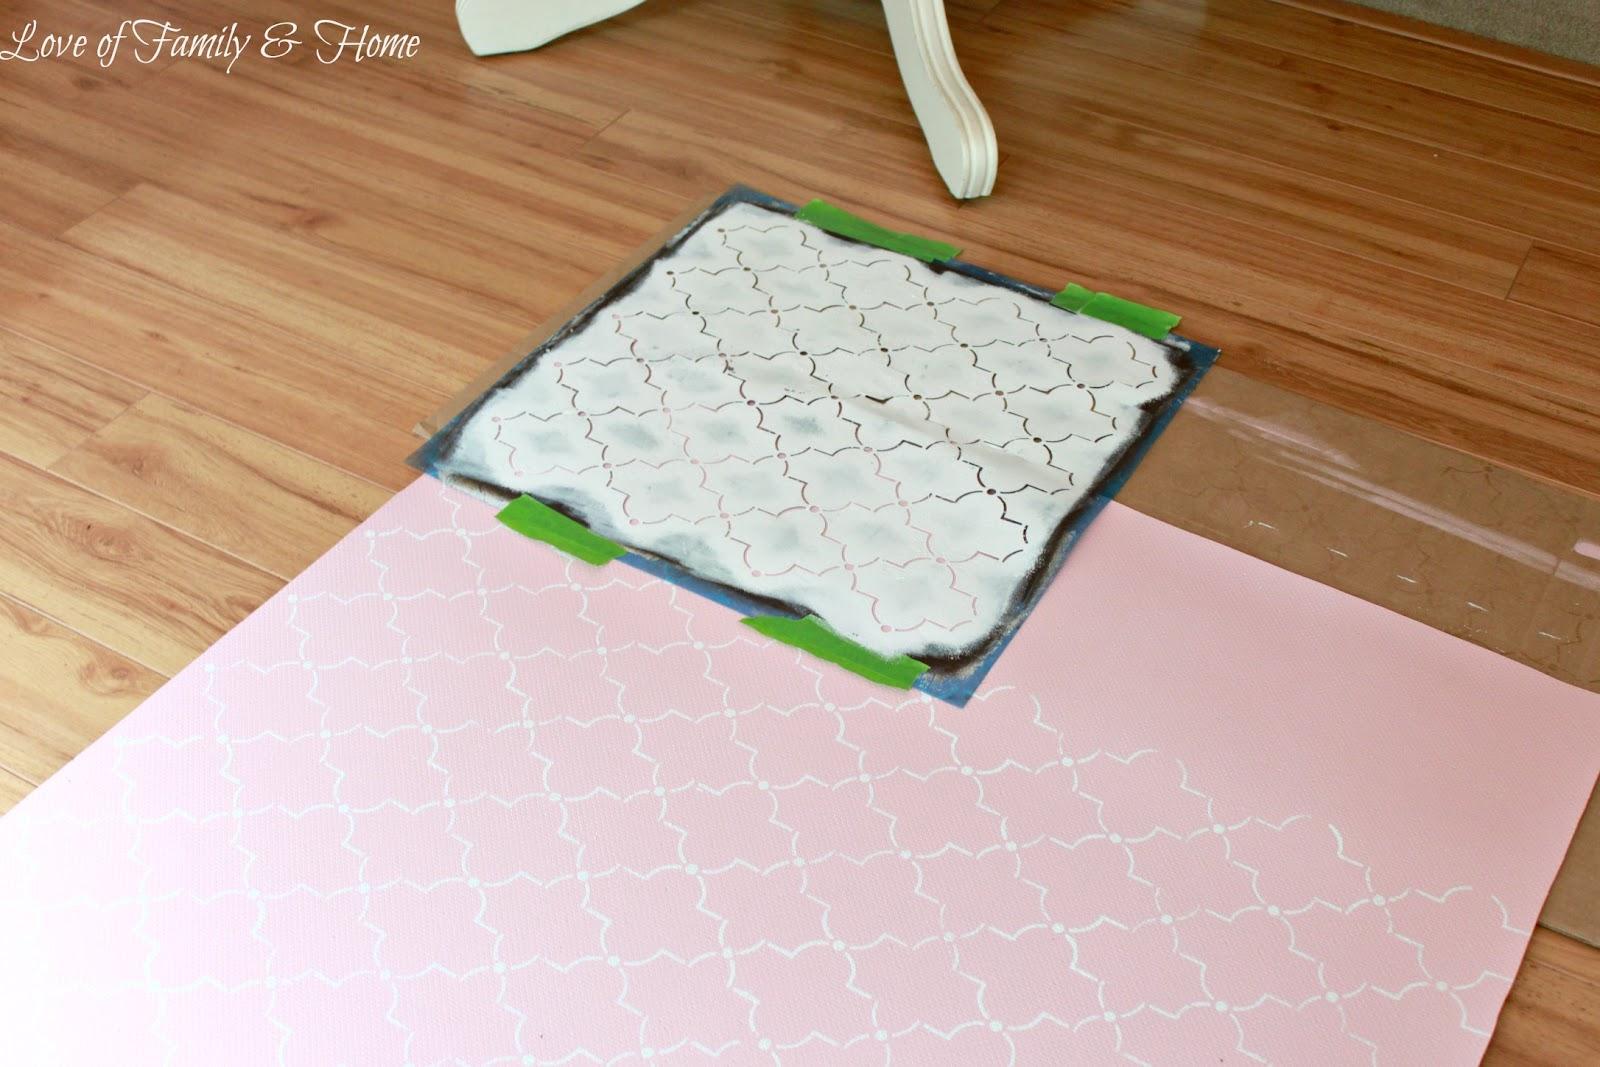 http://1.bp.blogspot.com/-a5XOew9ntKU/UEd9Ax49lfI/AAAAAAAAJJI/8ubmQWWf-YE/s1600/Painted%2BRug%2BFrom%2BVinyl%2BFlooring%2B026%2Bedited.jpg